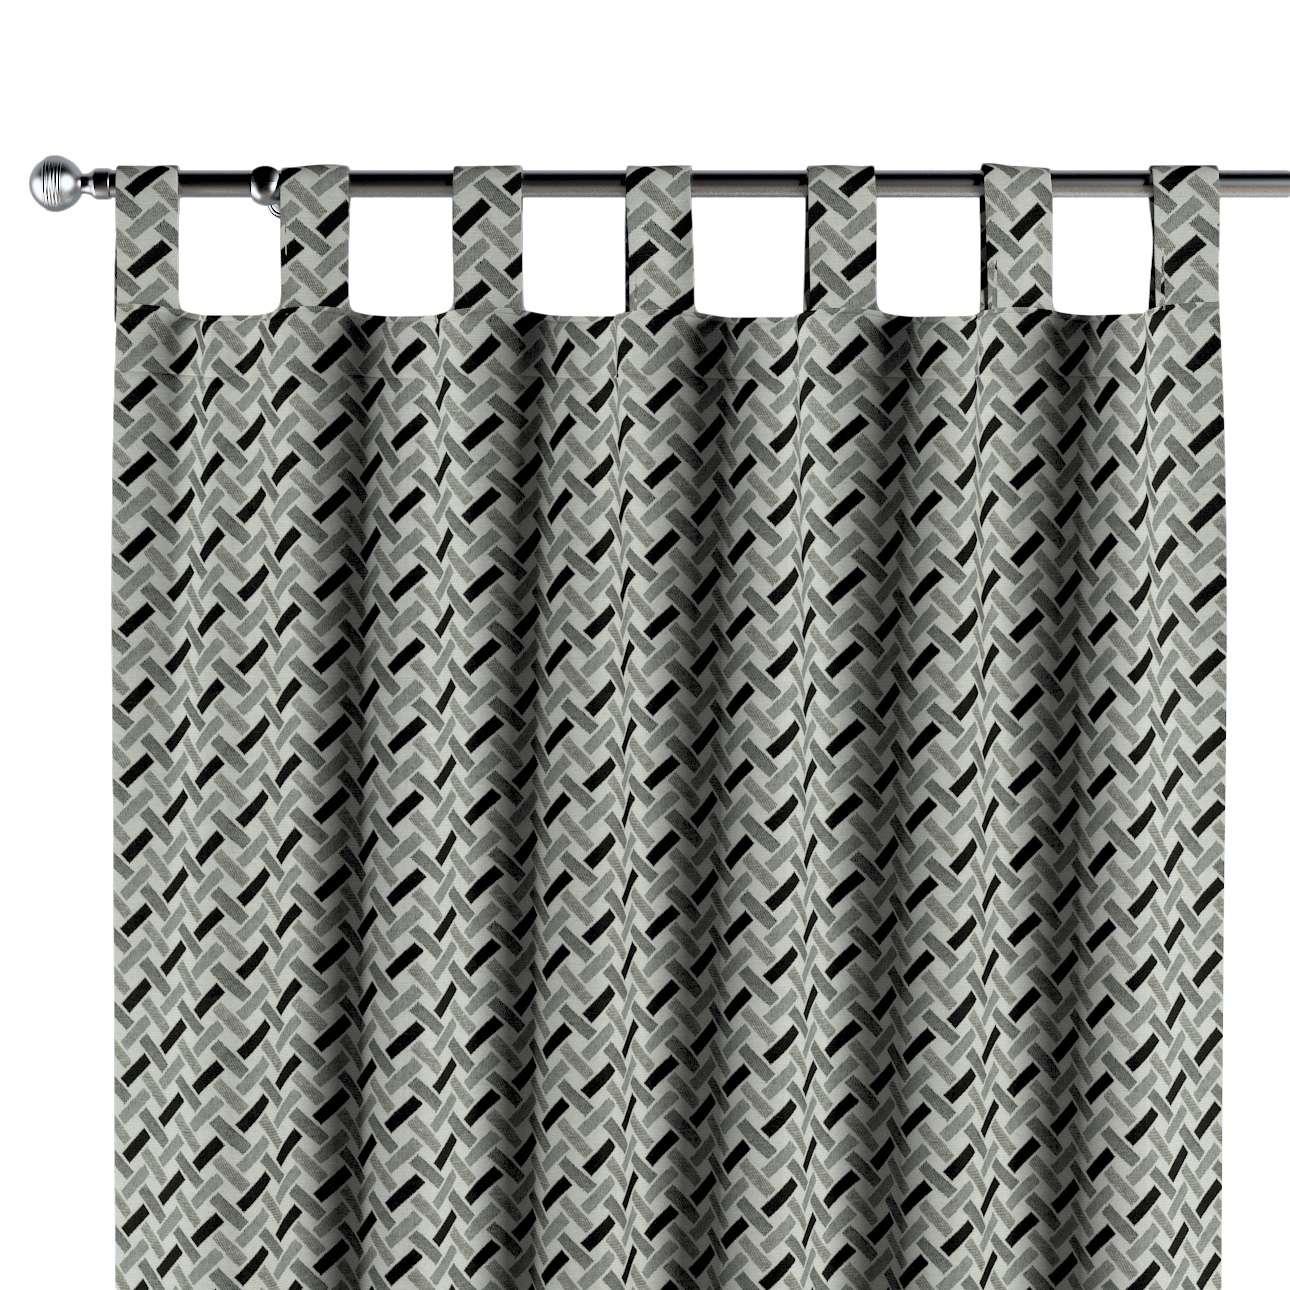 Gardin med stropper 1 stk. fra kollektionen Black & White, Stof: 142-78